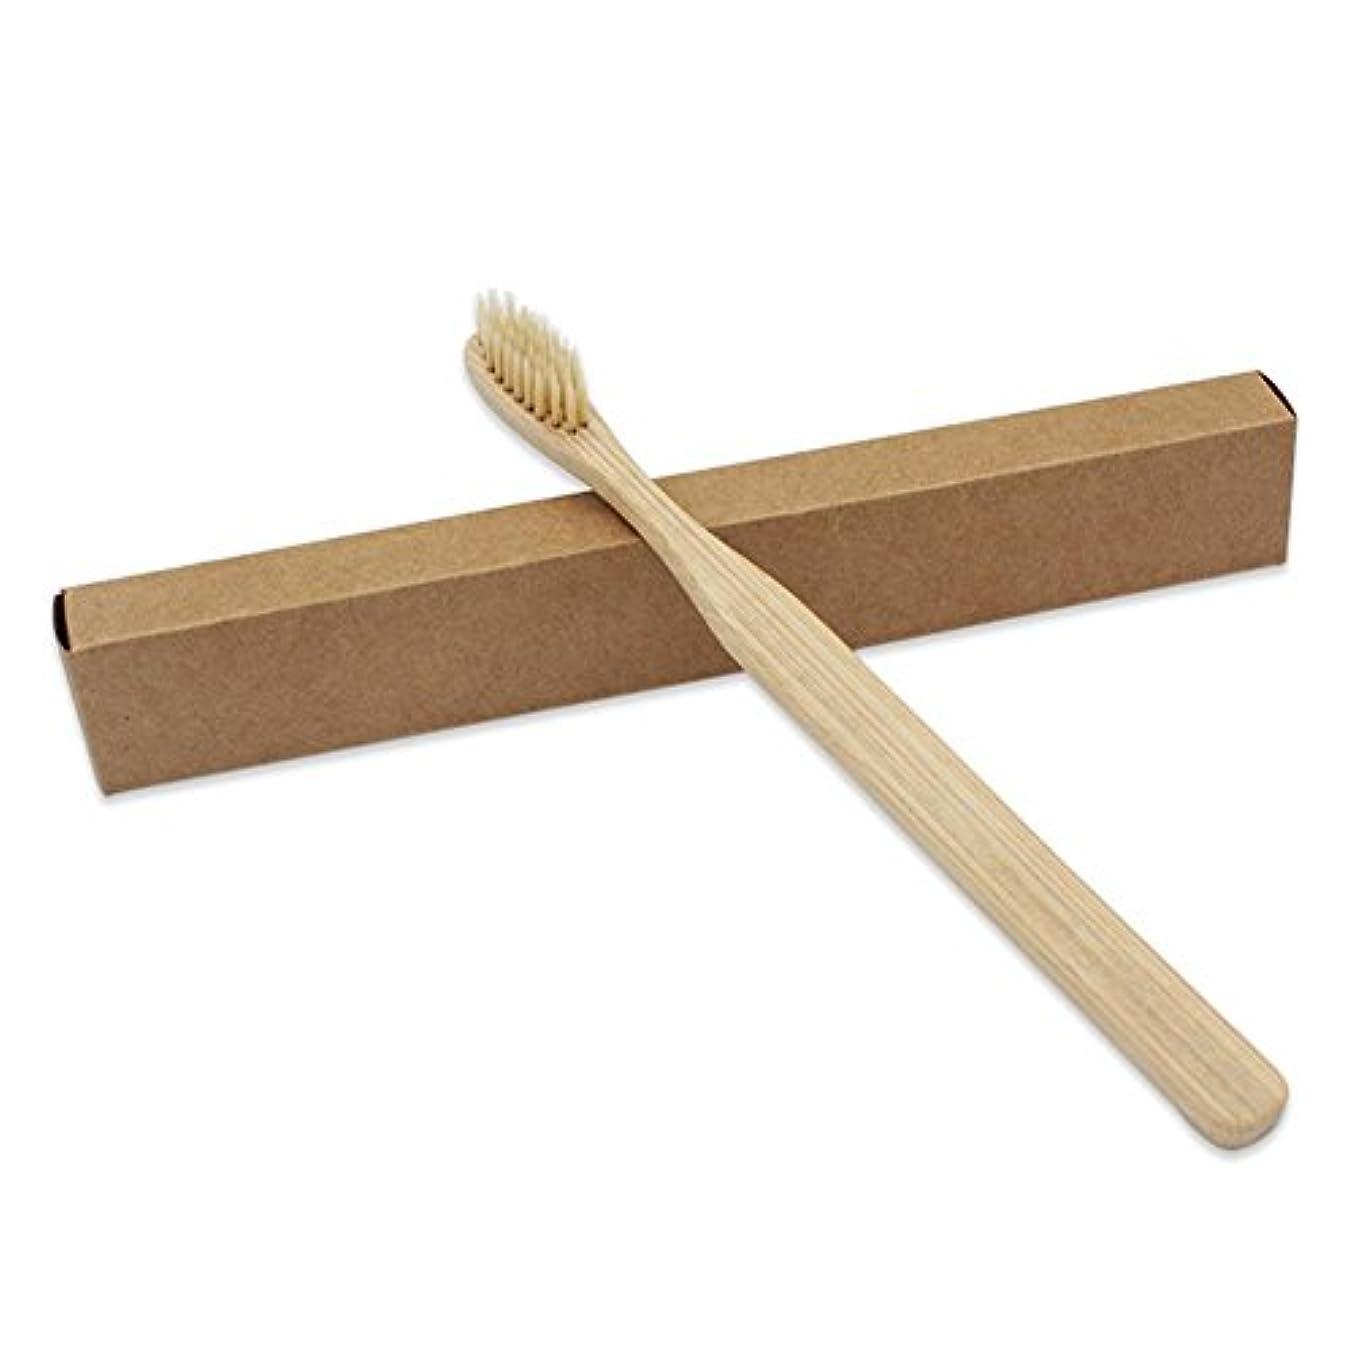 フローキャビン子犬powlancejp 竹炭の歯ブラシ 竹の歯ブラシ 分解性 環境保護の歯ブラシ 天然の柔らかいブラシ